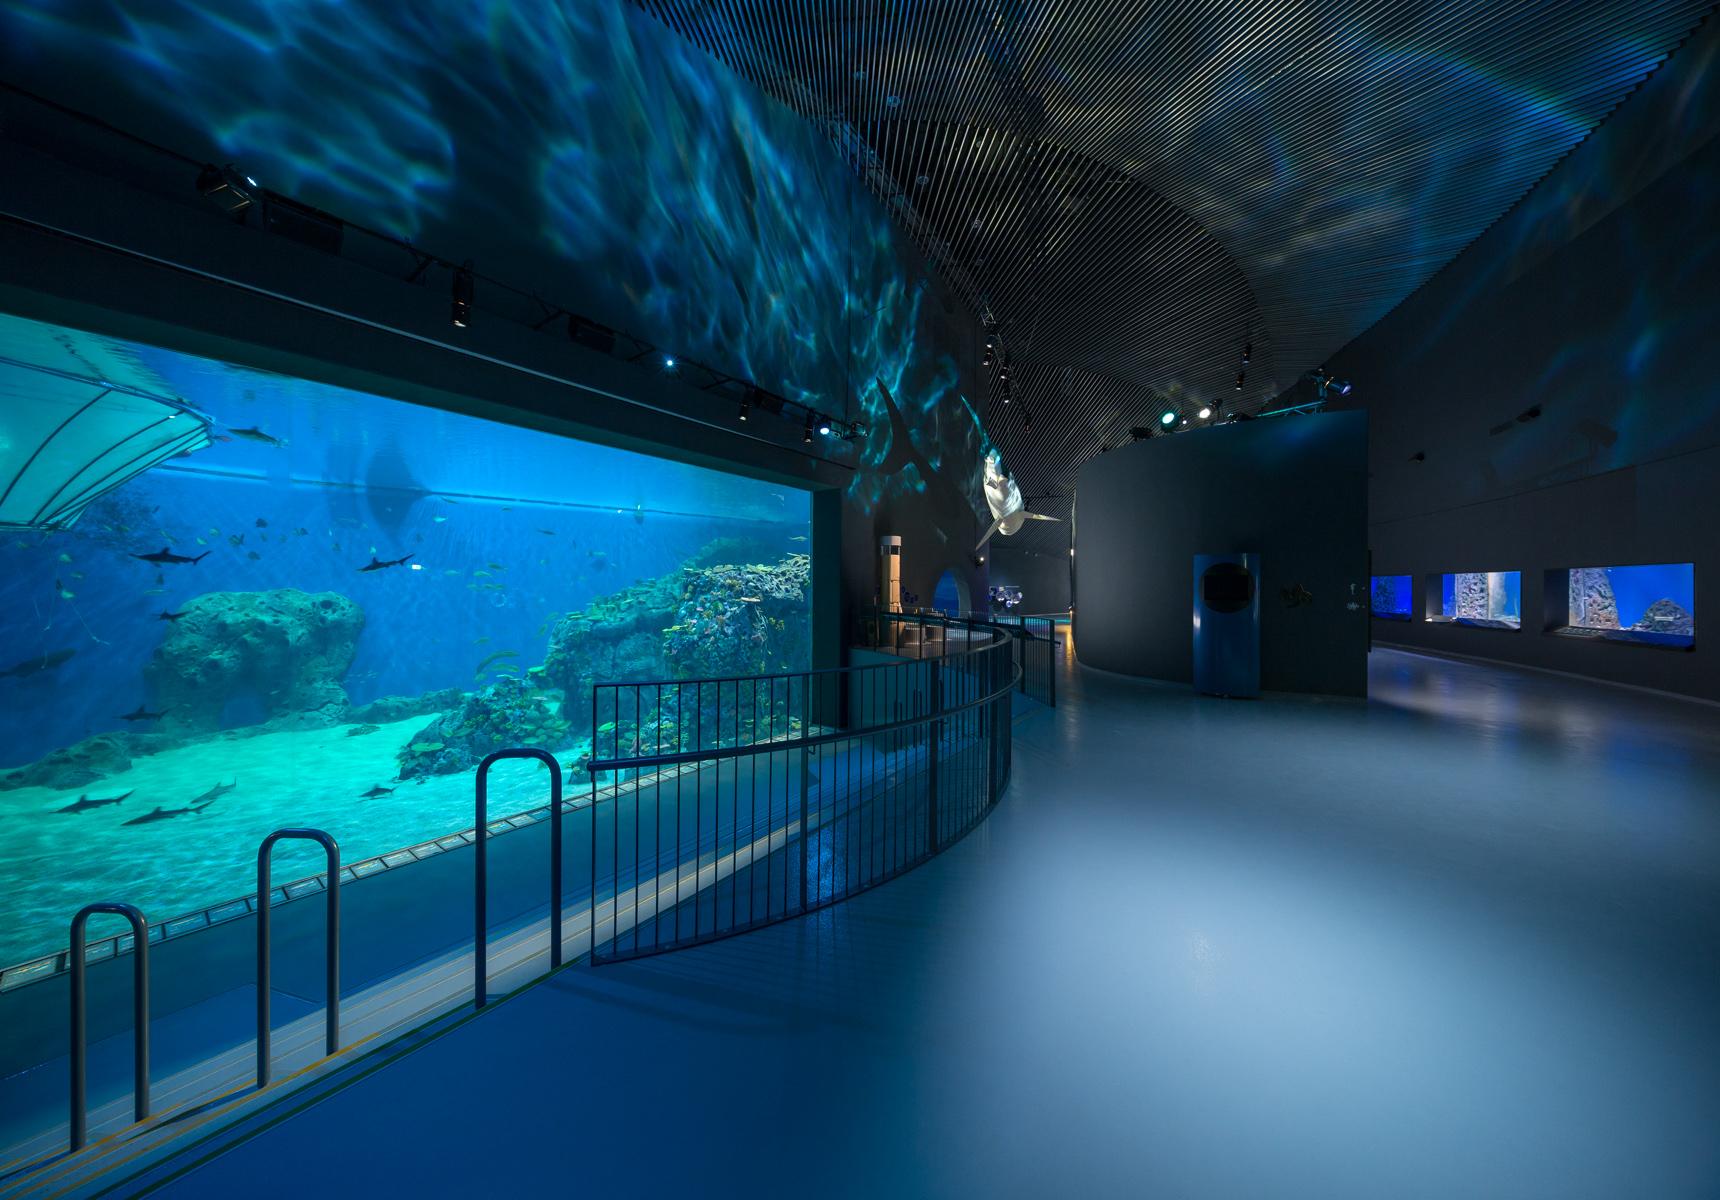 Den bl planet the blue planet image 03 flowcrete for Floor aquarium